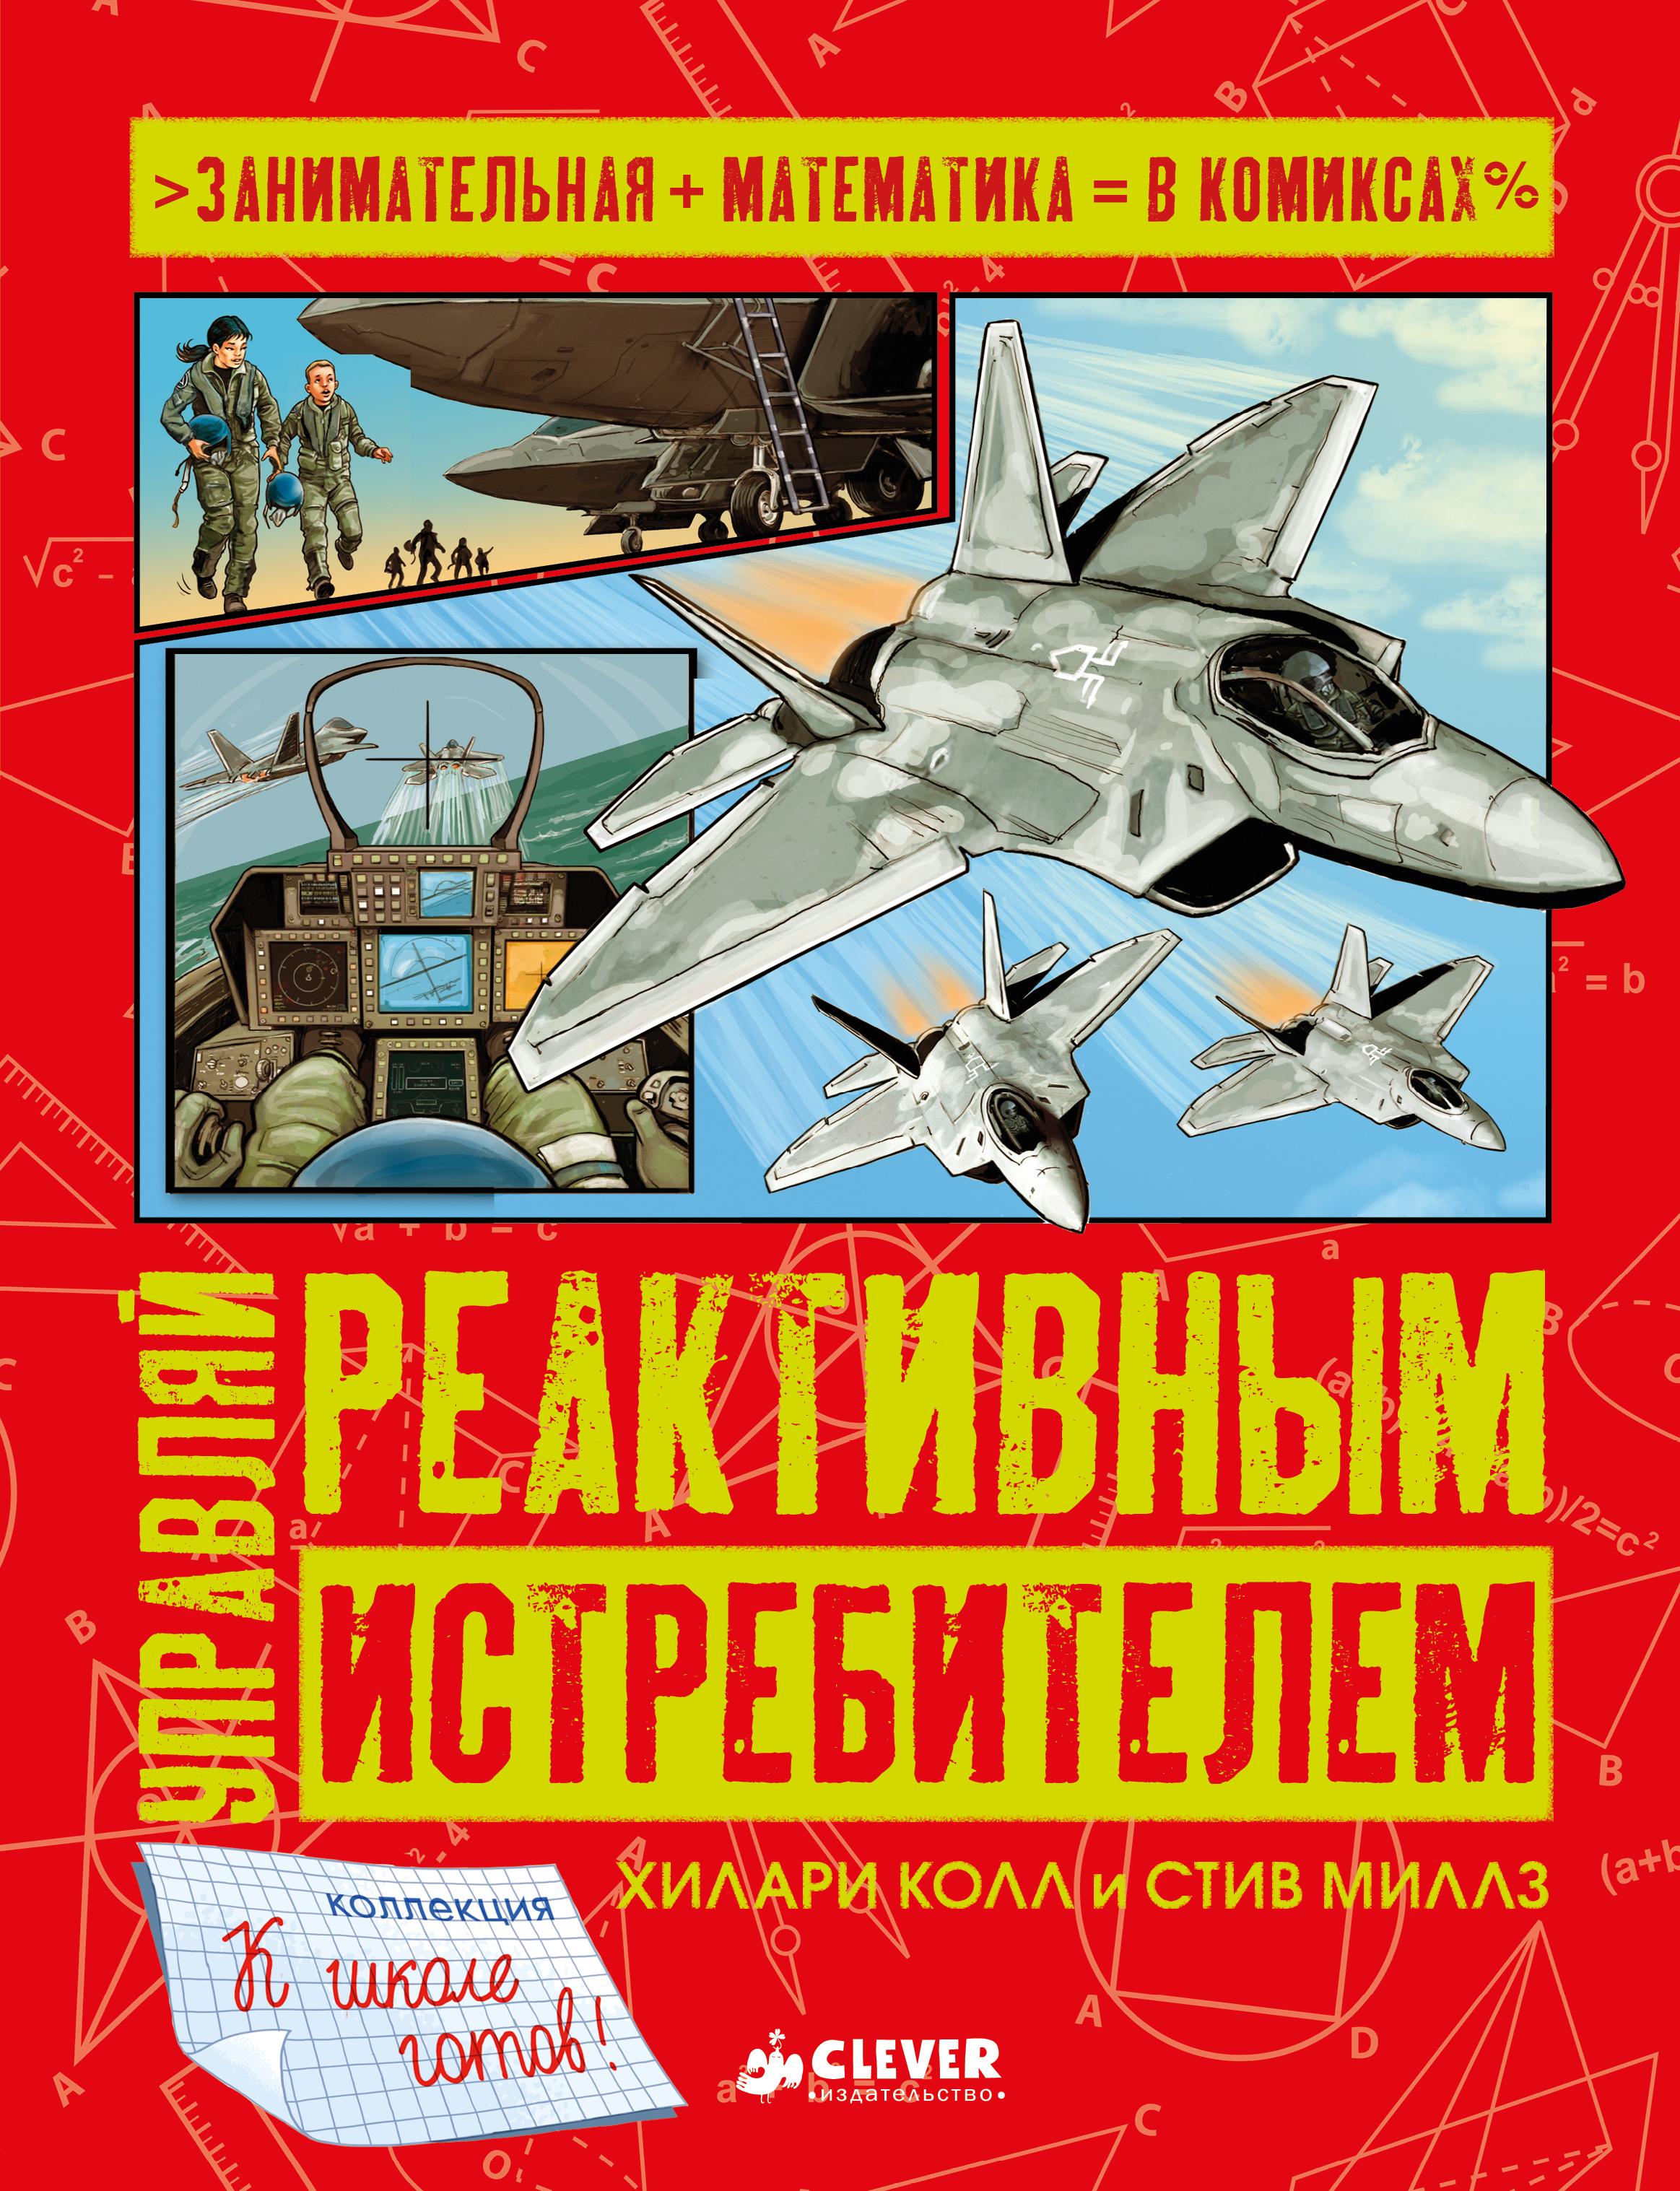 Колл Х. Управляй реактивным истребителем 1410 СвШ